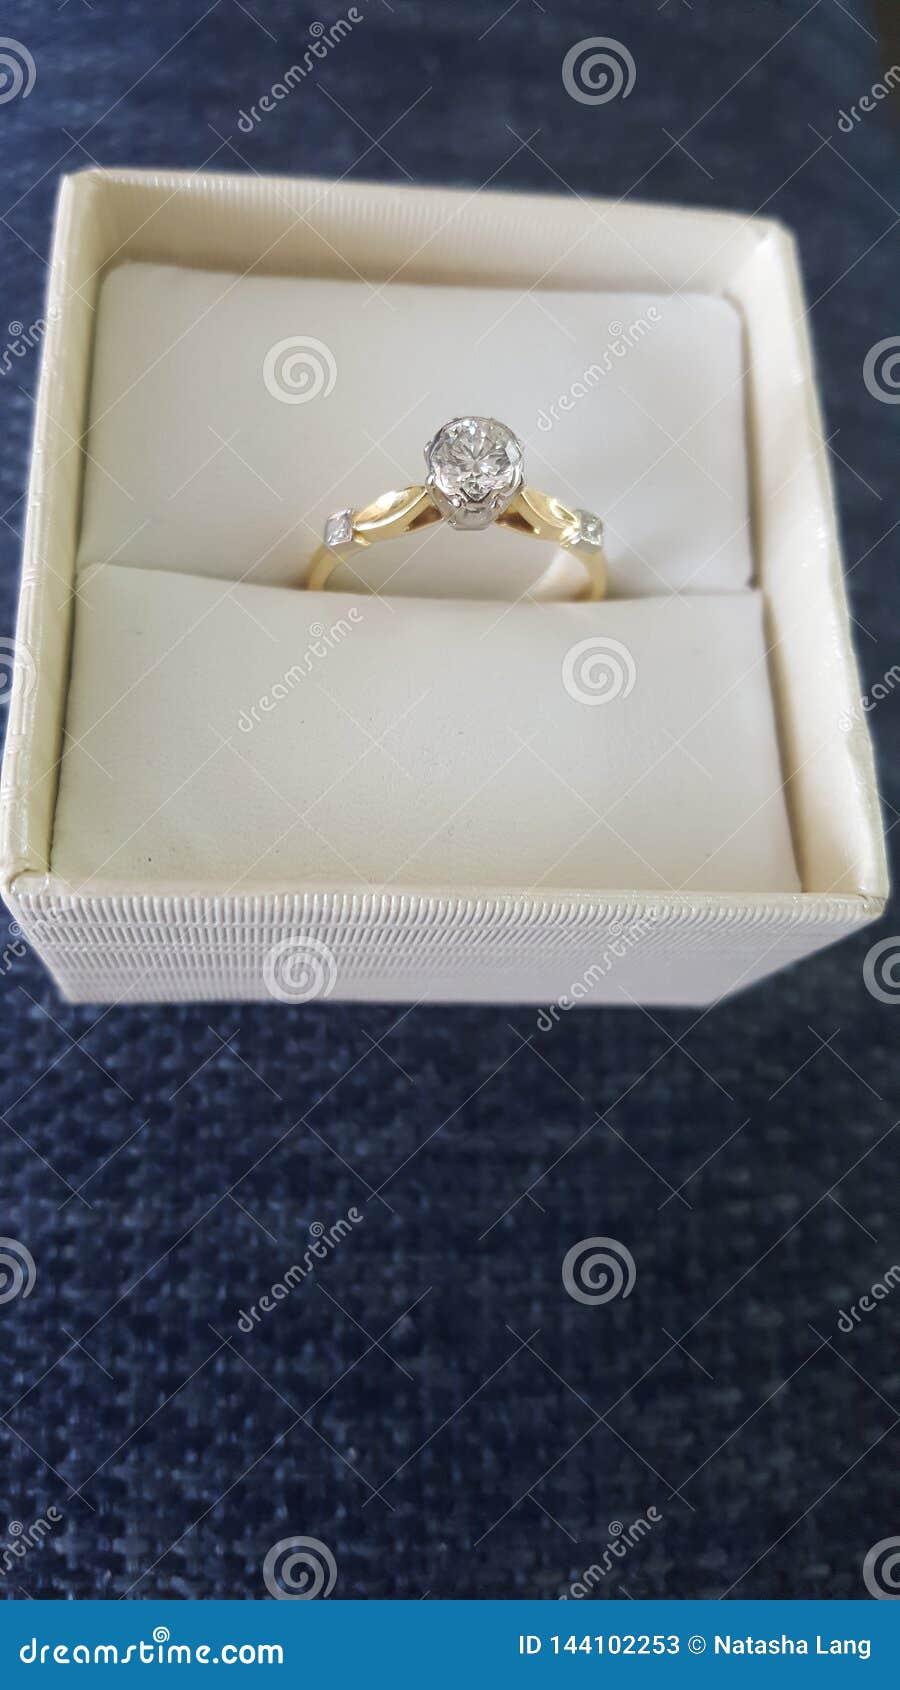 Великолепное хорошее отрезанное кольцо с бриллиантом пасьянса установило на наборе золота 18 каратов с 2 небольшими диамантами пл